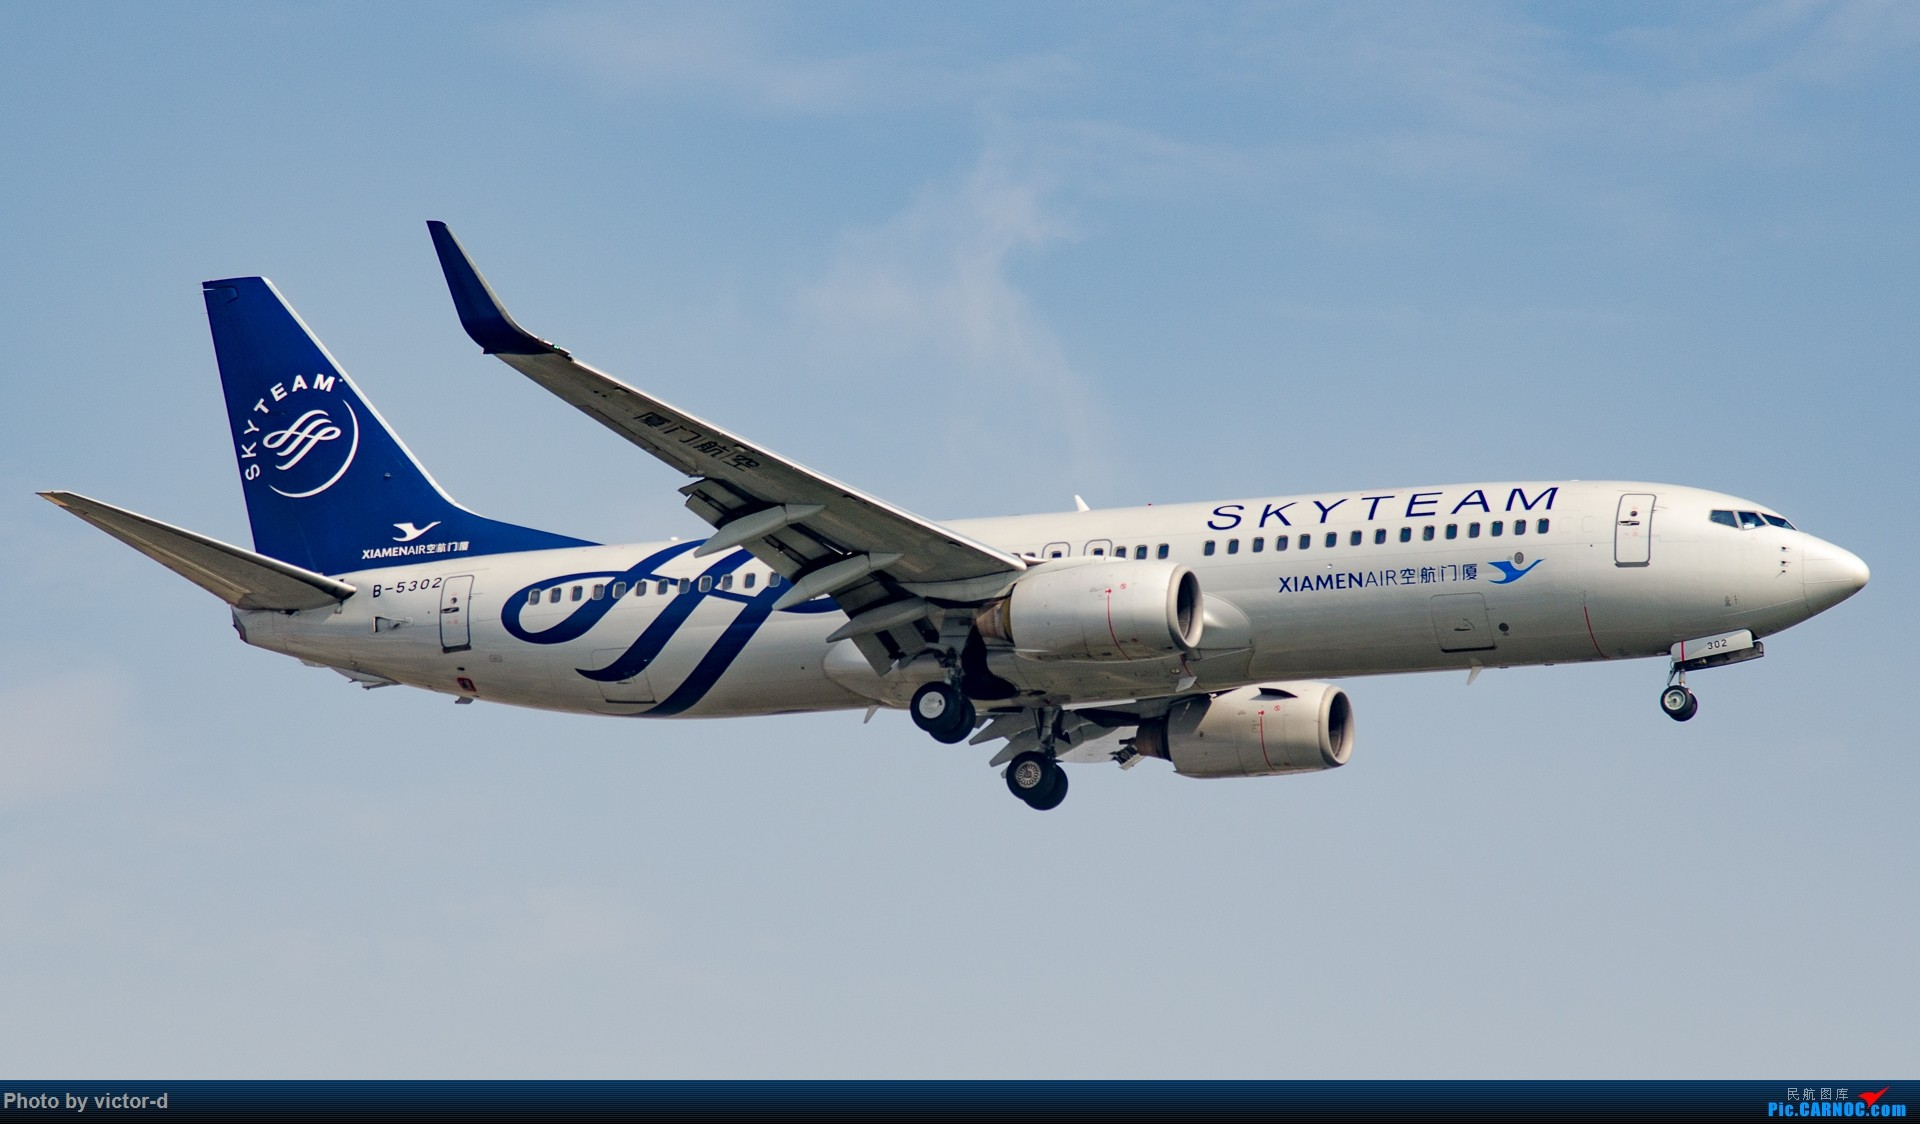 Re:[原创]【上海】拍机记录帖-记录这些年拍到的飞机 BOEING 737-800 B-5302 中国上海虹桥国际机场